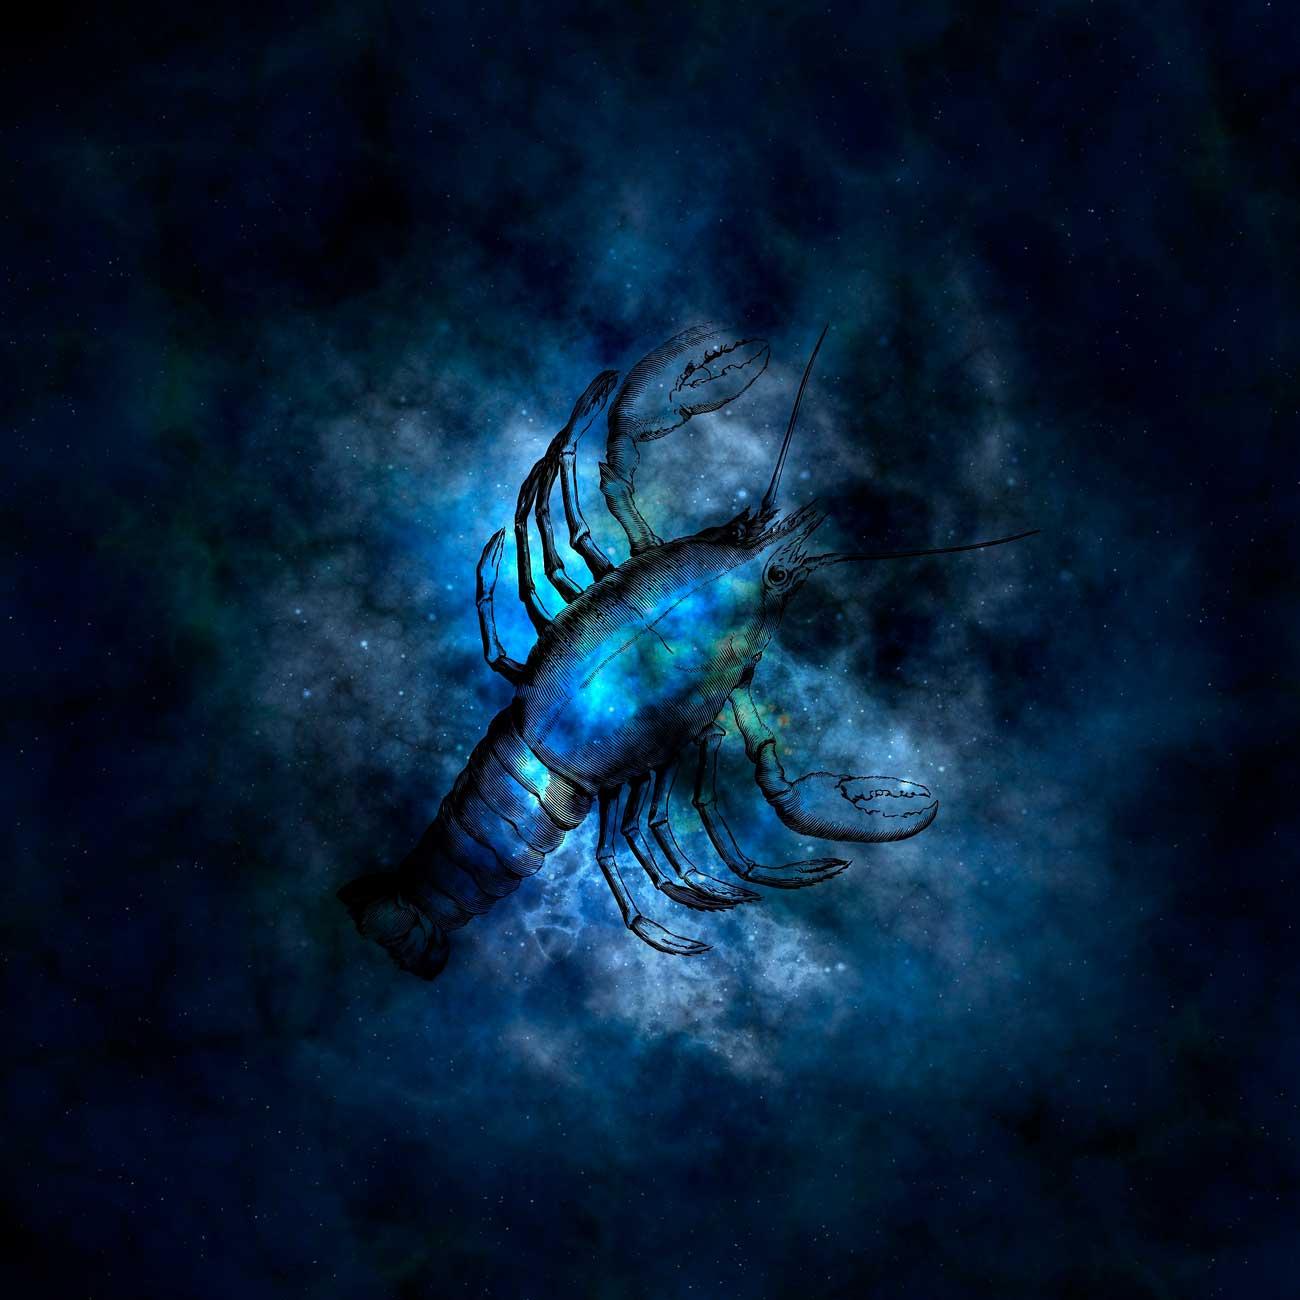 Необычные и красивые картинки знаков зодиака - лучшая подборка